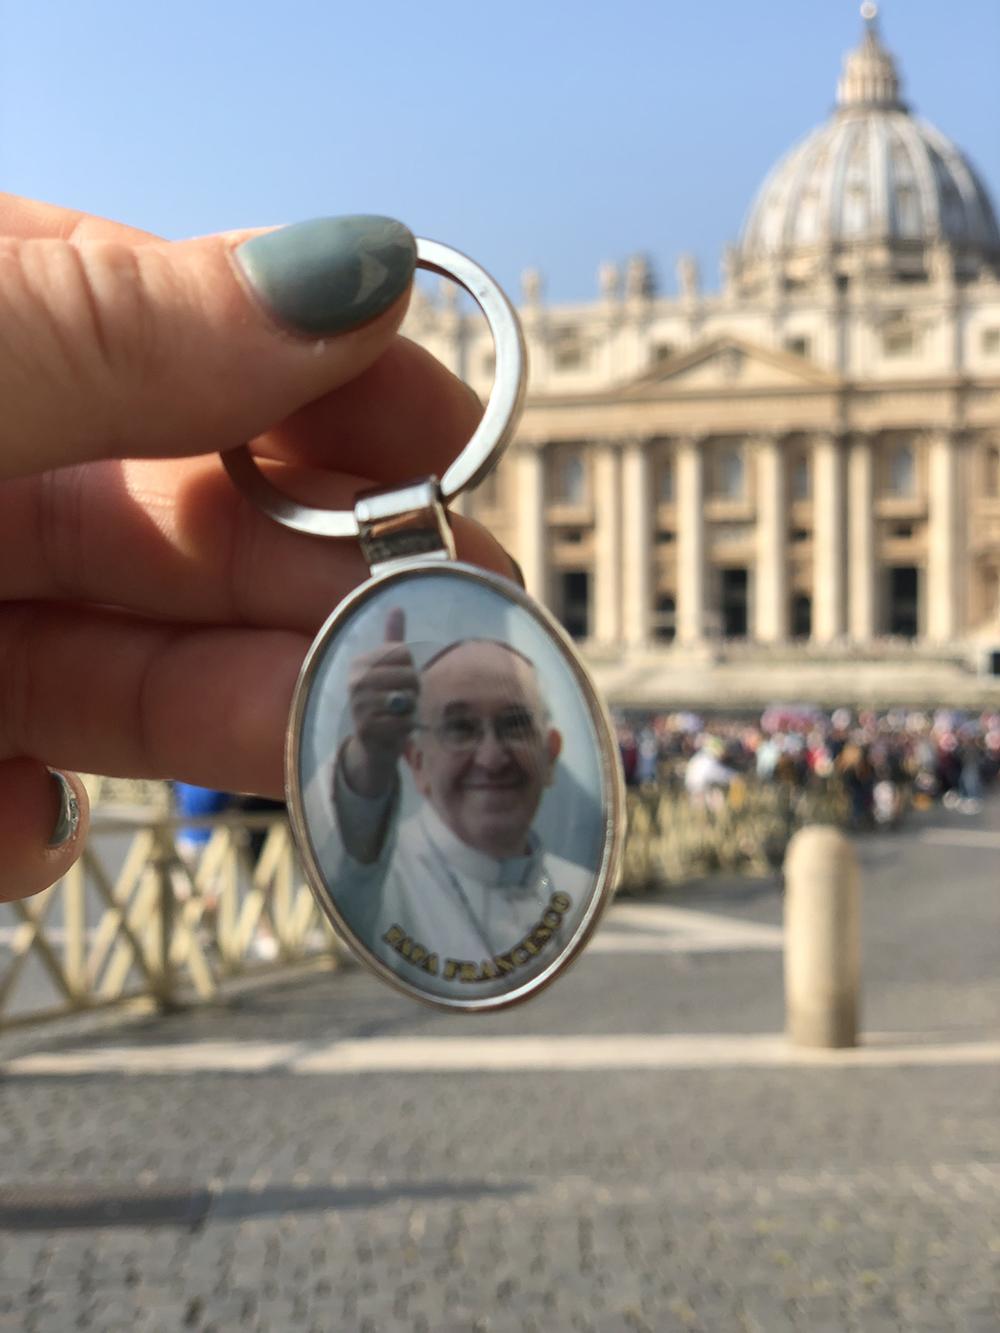 duim omhoog voor de paus